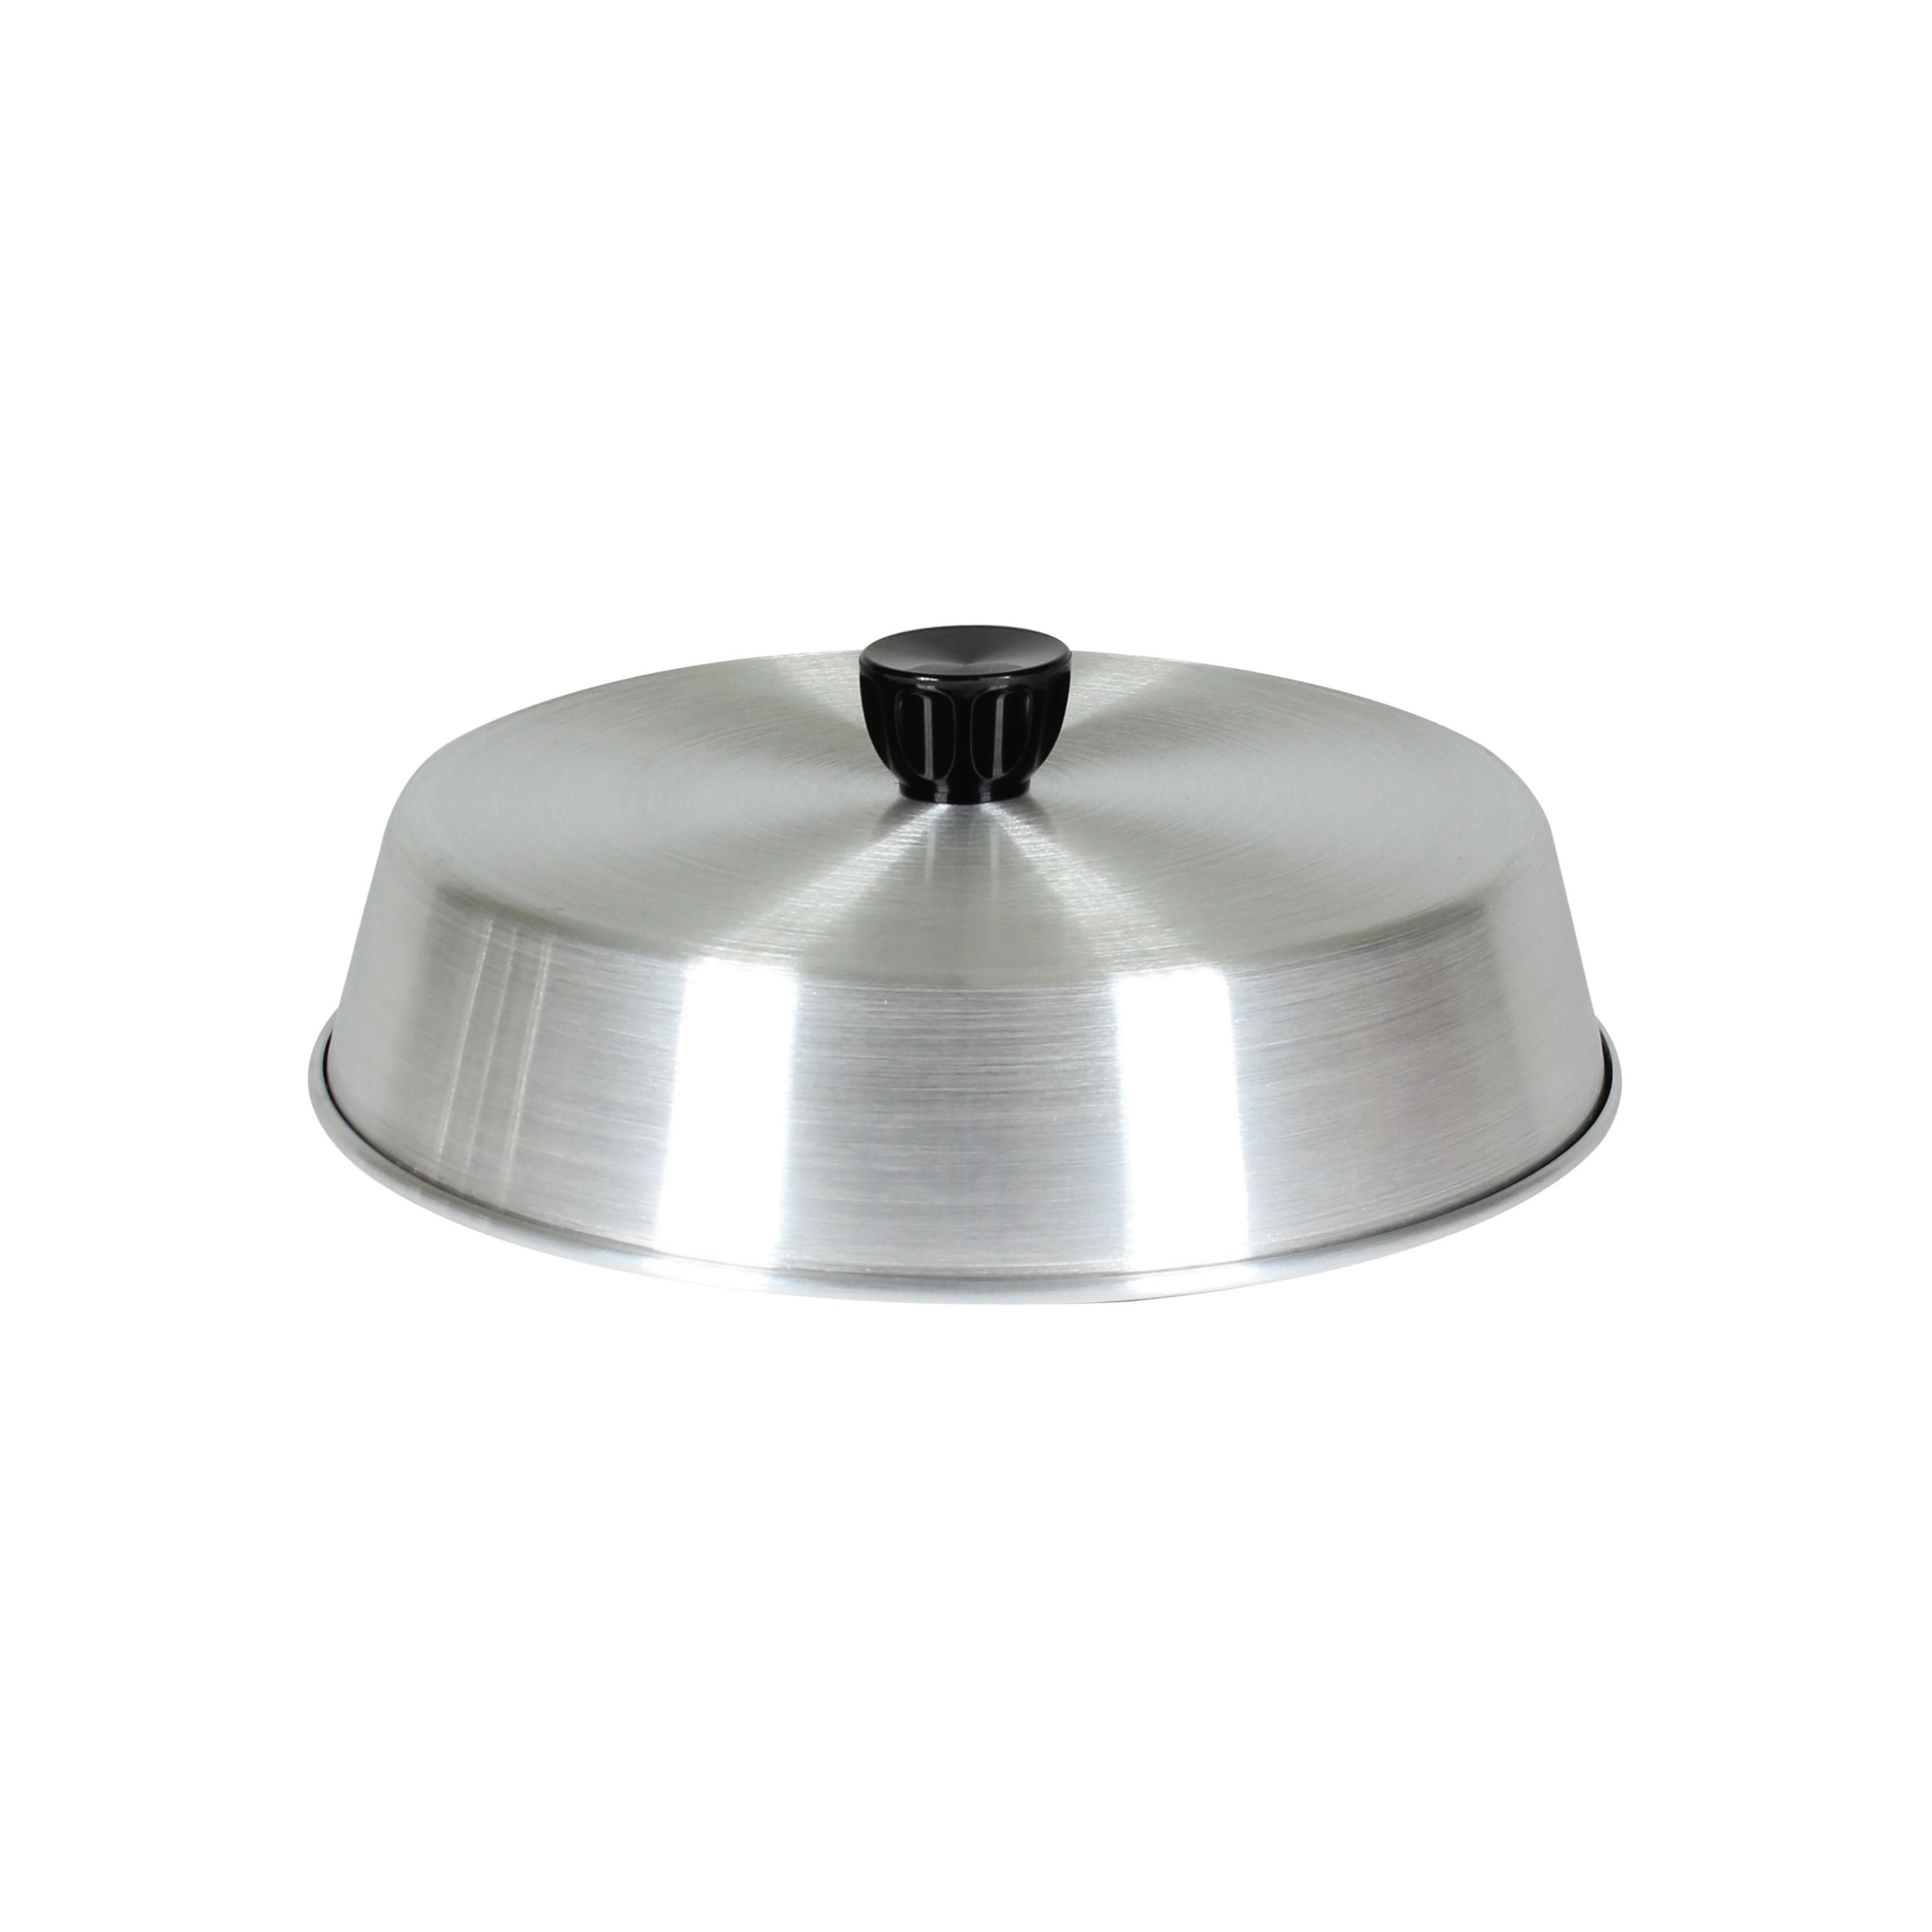 Thunder Group ALBC009 kitchen utensils; basting cover